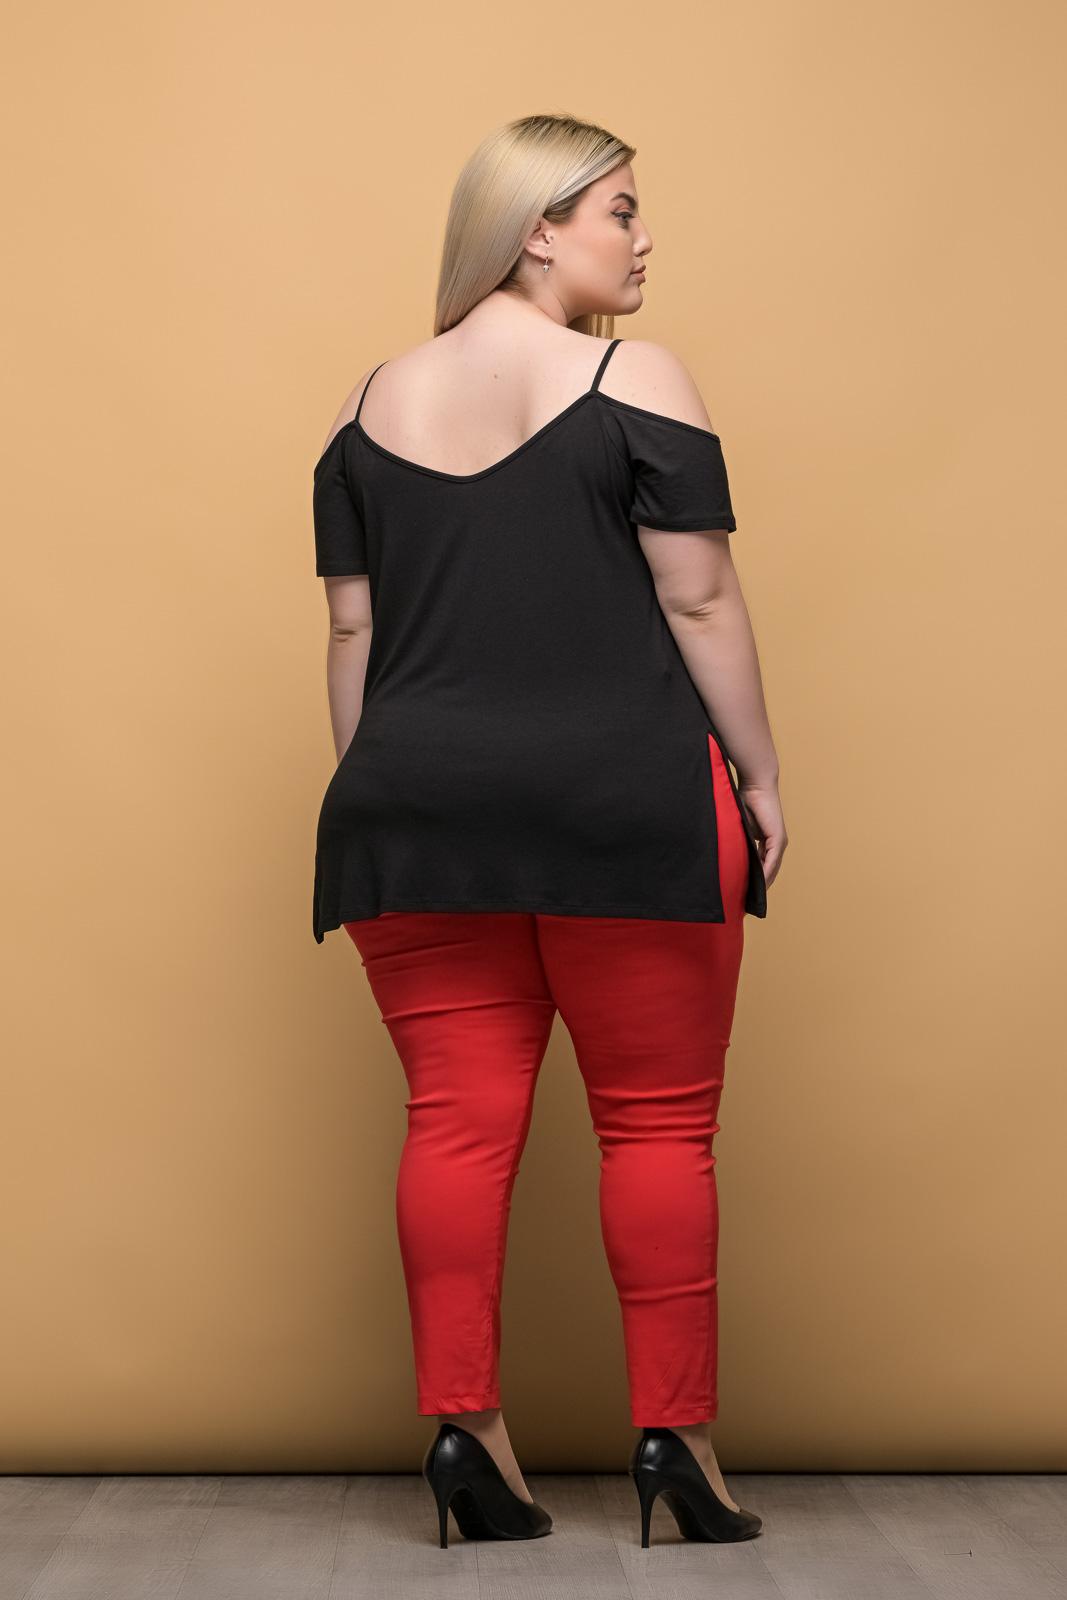 Μπλούζα μεγάλα μεγέθη μαύρη με τιράντες και άνοιγμα στο πλάι.Στο eshop μας θα βρείτε οικονομικά γυναίκεια ρούχα σε μεγάλα μεγέθη και υπερμεγέθη.